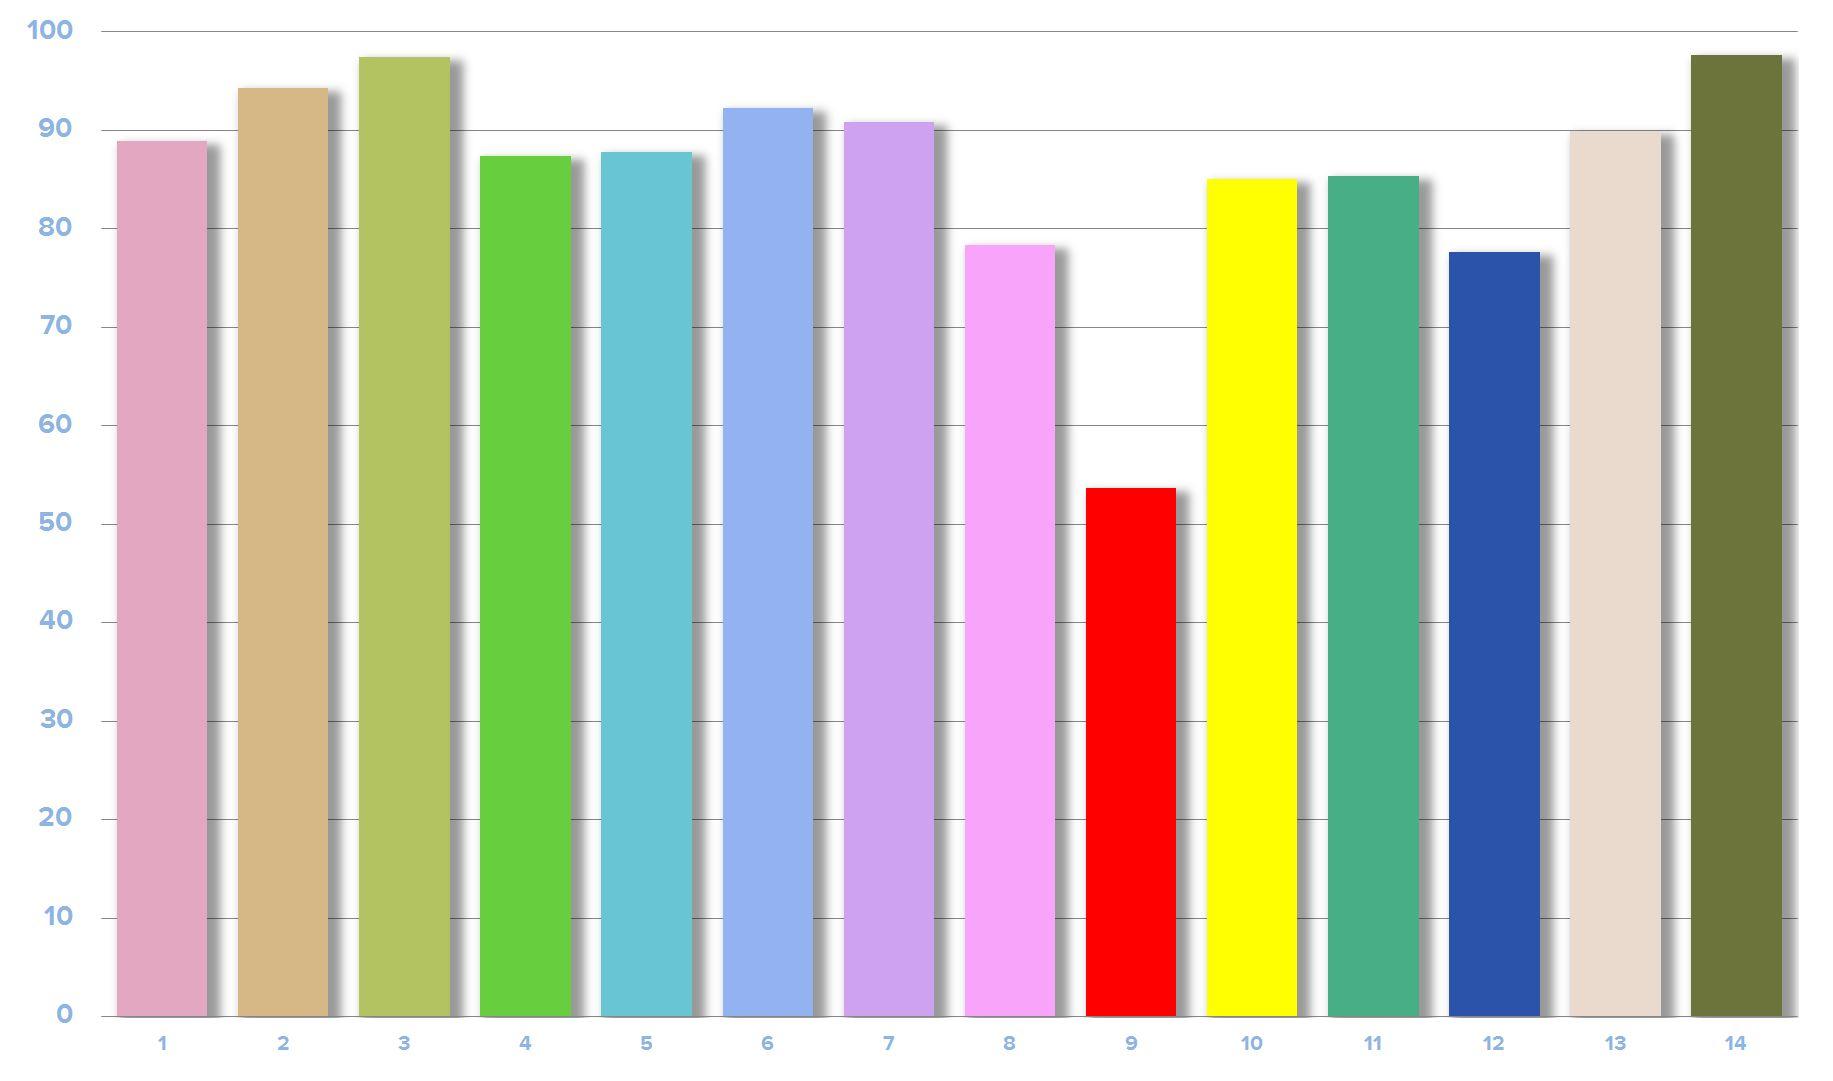 ikea-ledare-1000l-led-cri-graph.jpg